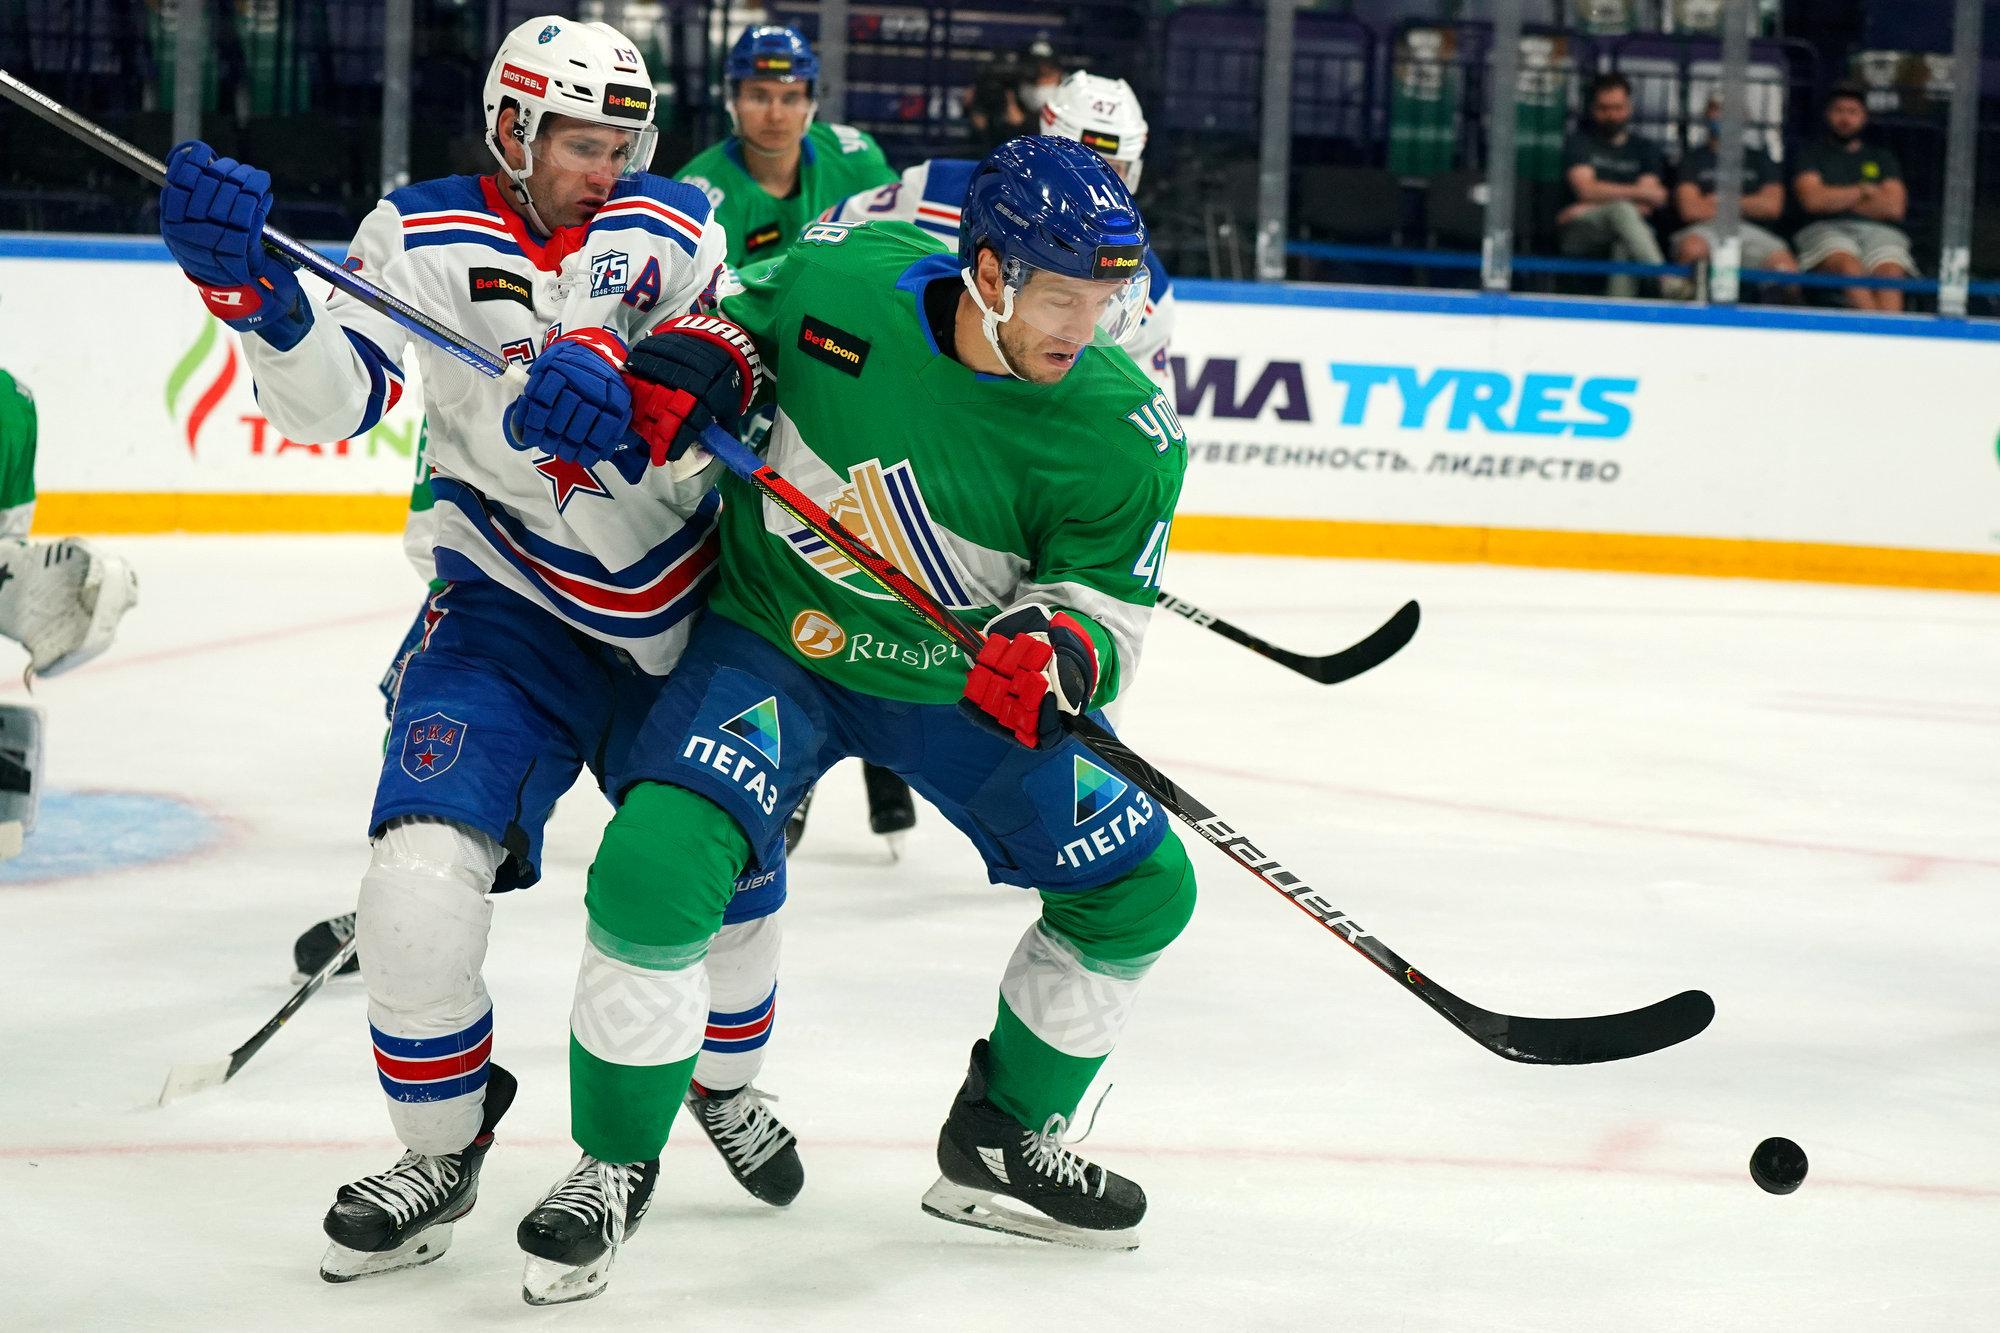 Николай Кулемин: «Салават Юлаев» продемонстрировал хорошую игру»